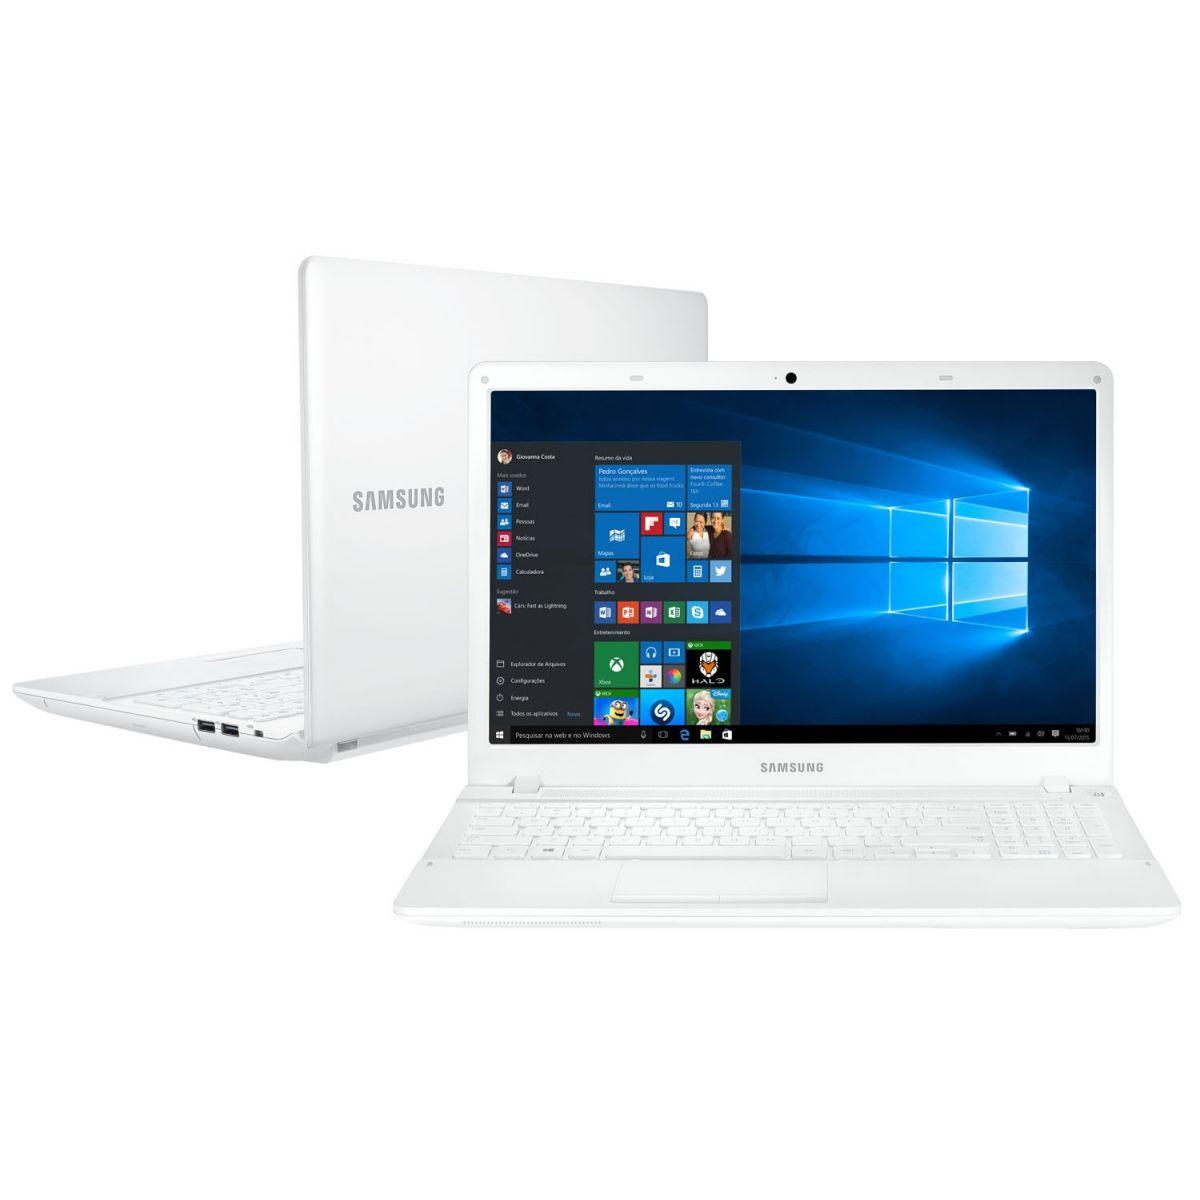 Notebook samsung essentials e34 -  Notebook Samsung Essentials E34 Np300e5k Kf2br Intel Core I3 6gb De Mem Ria Hd